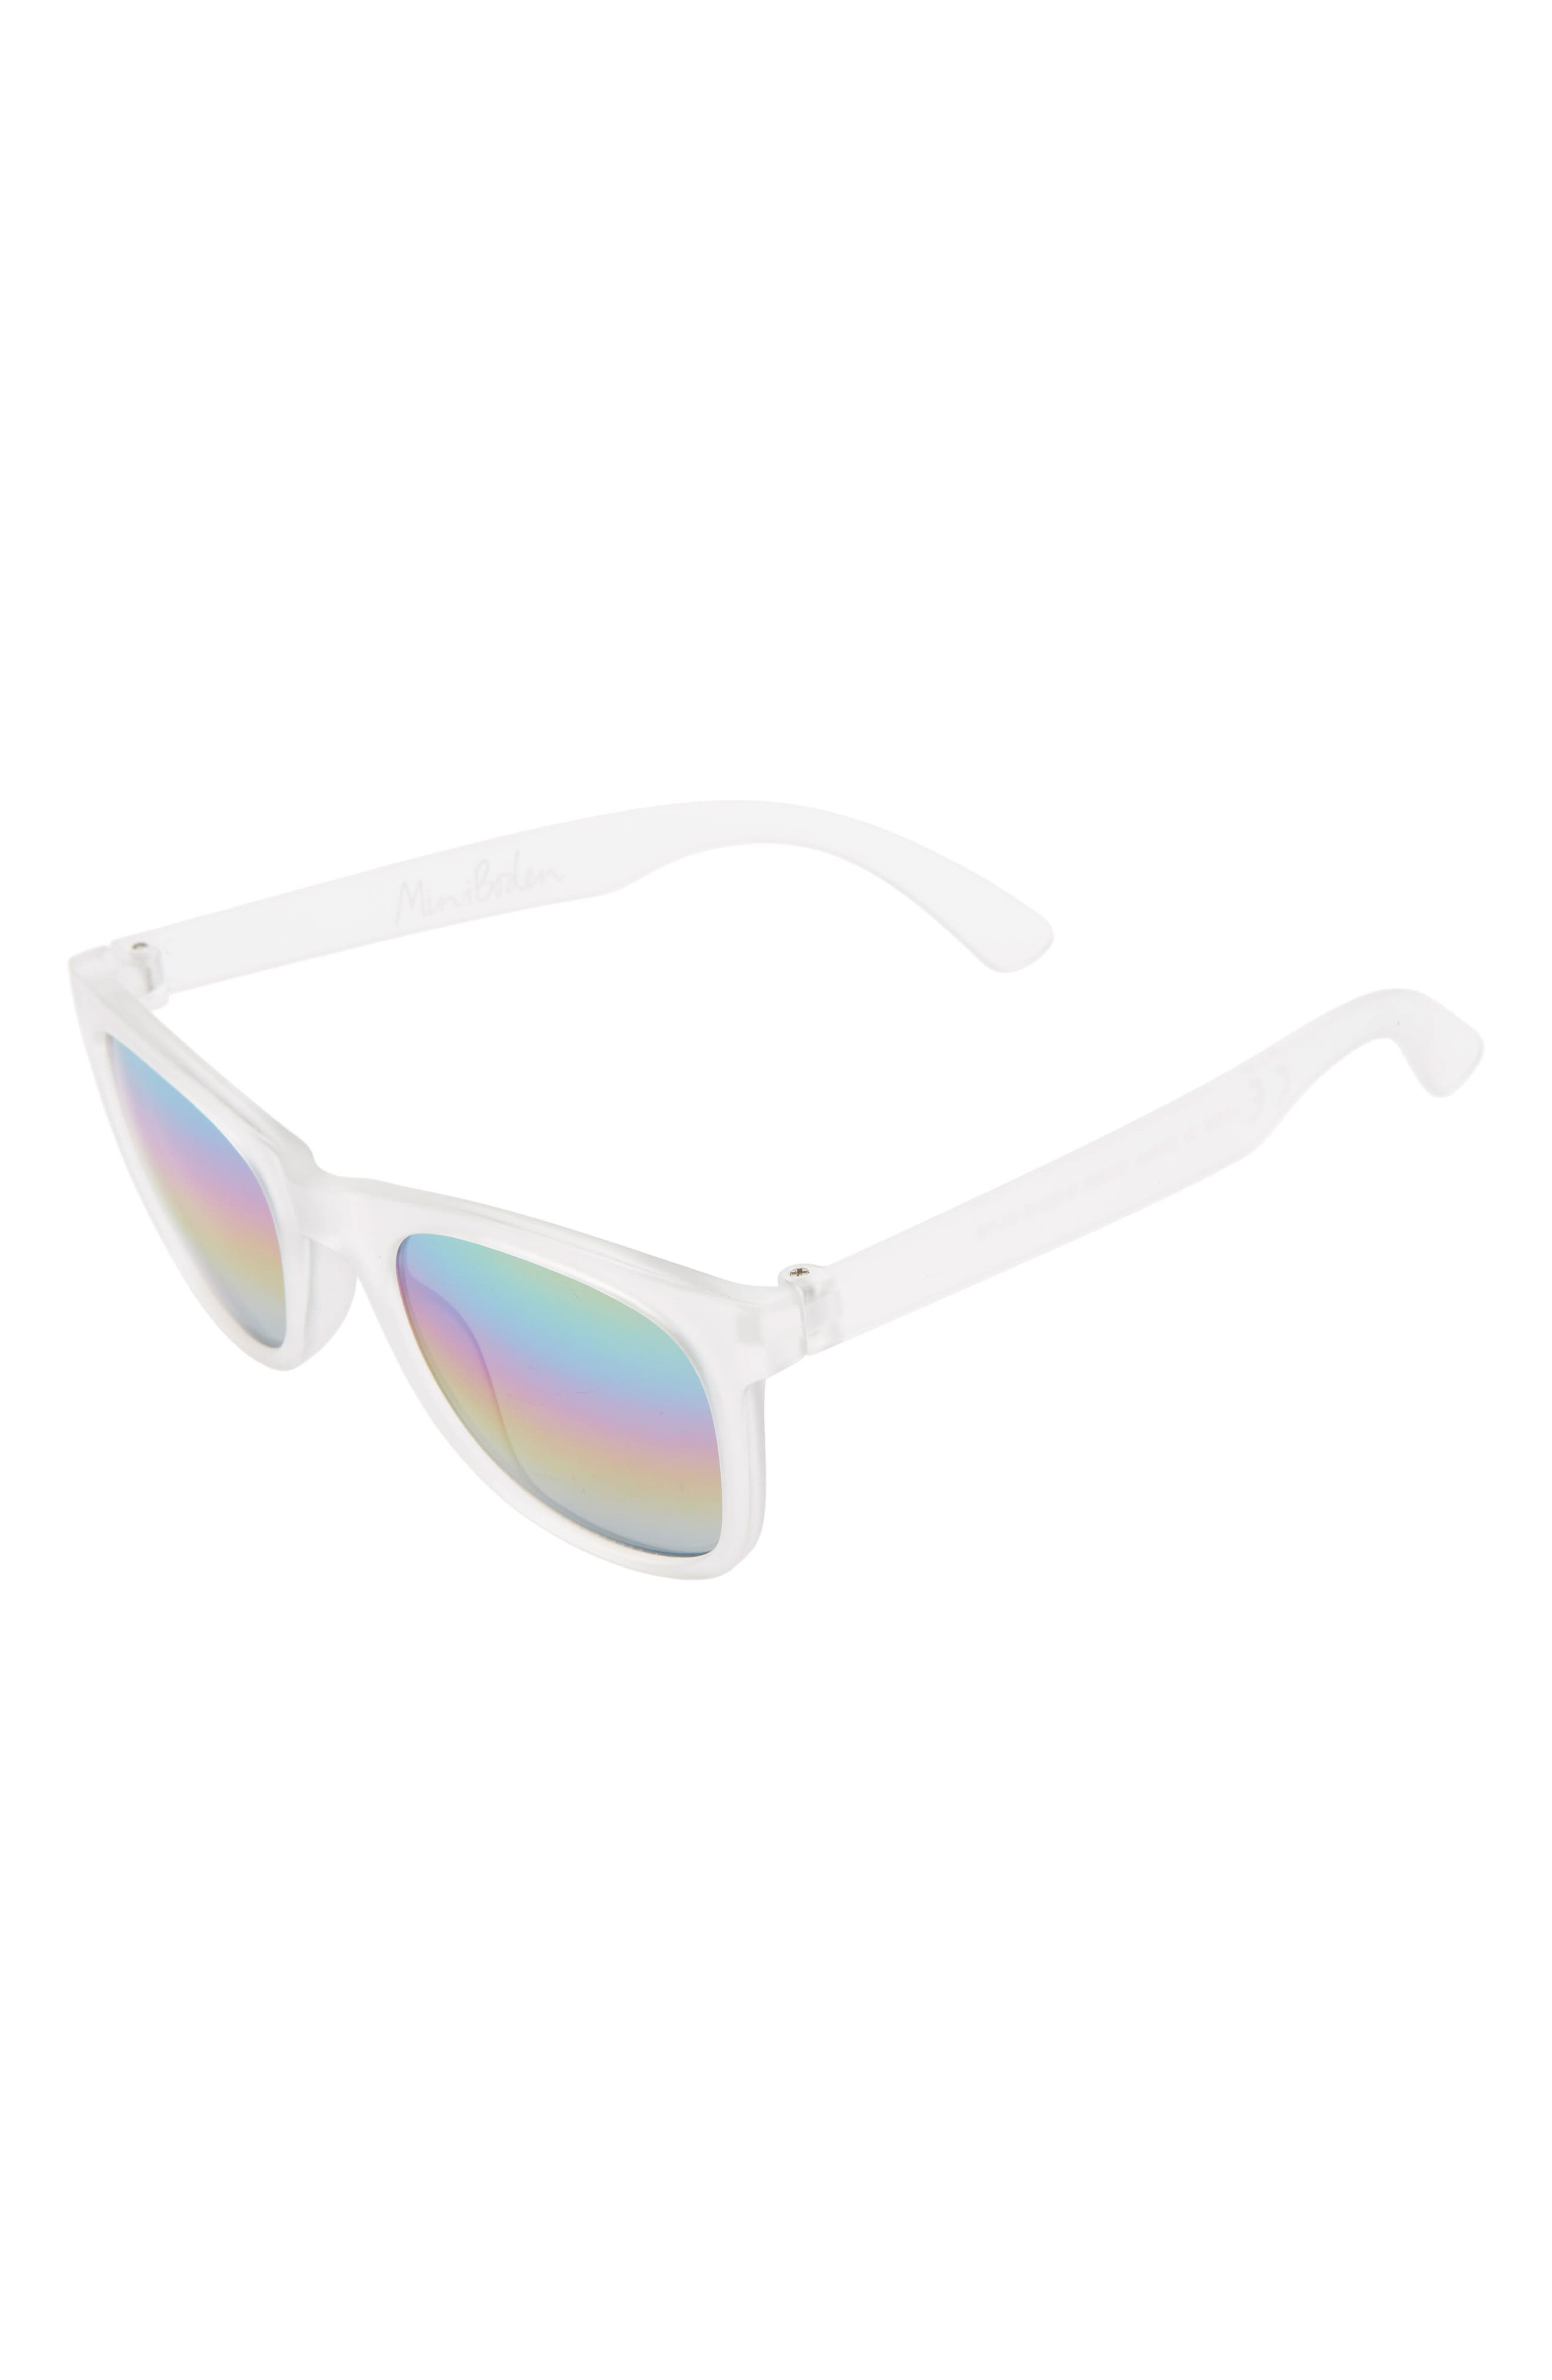 Boys Mini Boden Mirrored Sunglasses  Mul Clear